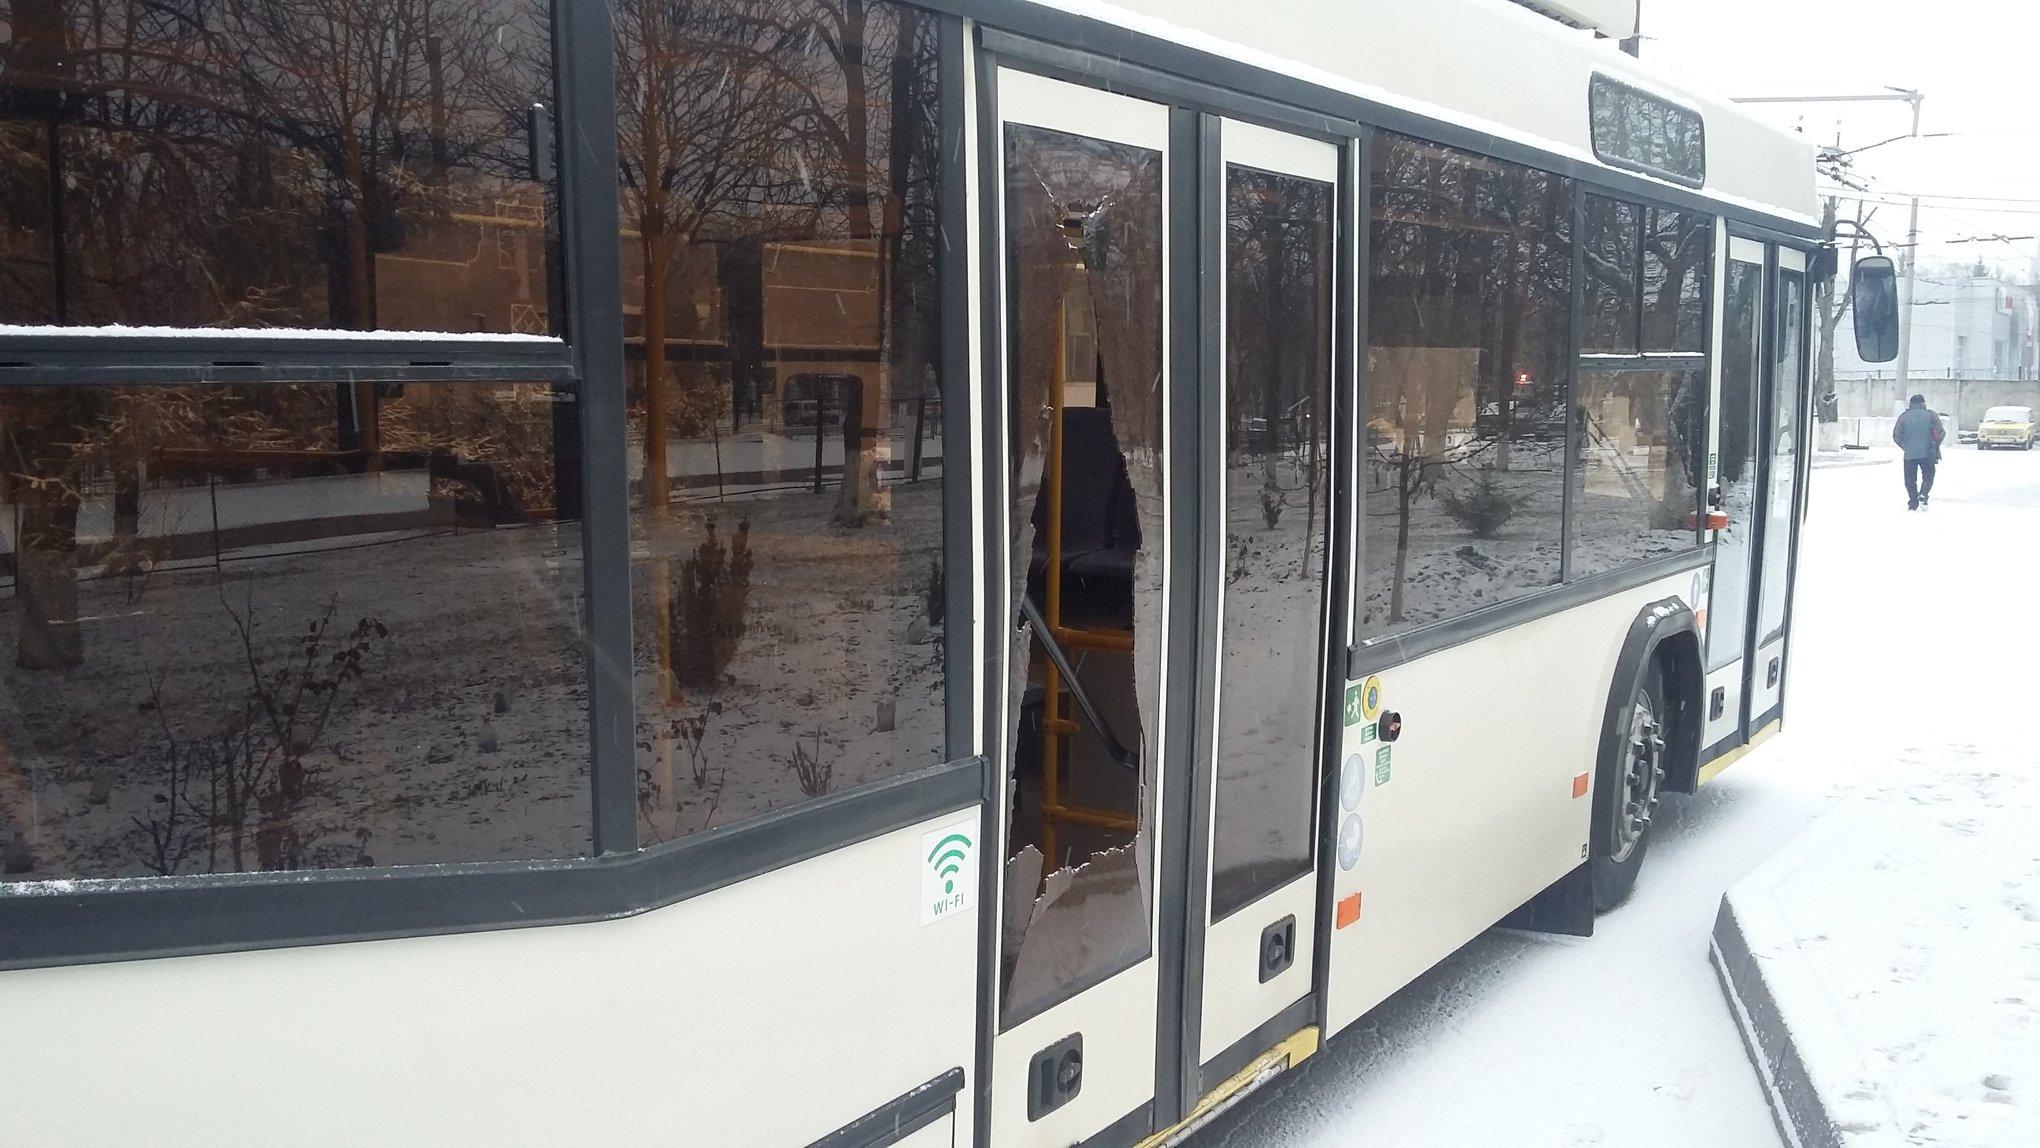 У Кропивницькому розбили скло в тролейбусі, який рухався по маршруту №9. ФОТО - 2 - Життя - Без Купюр